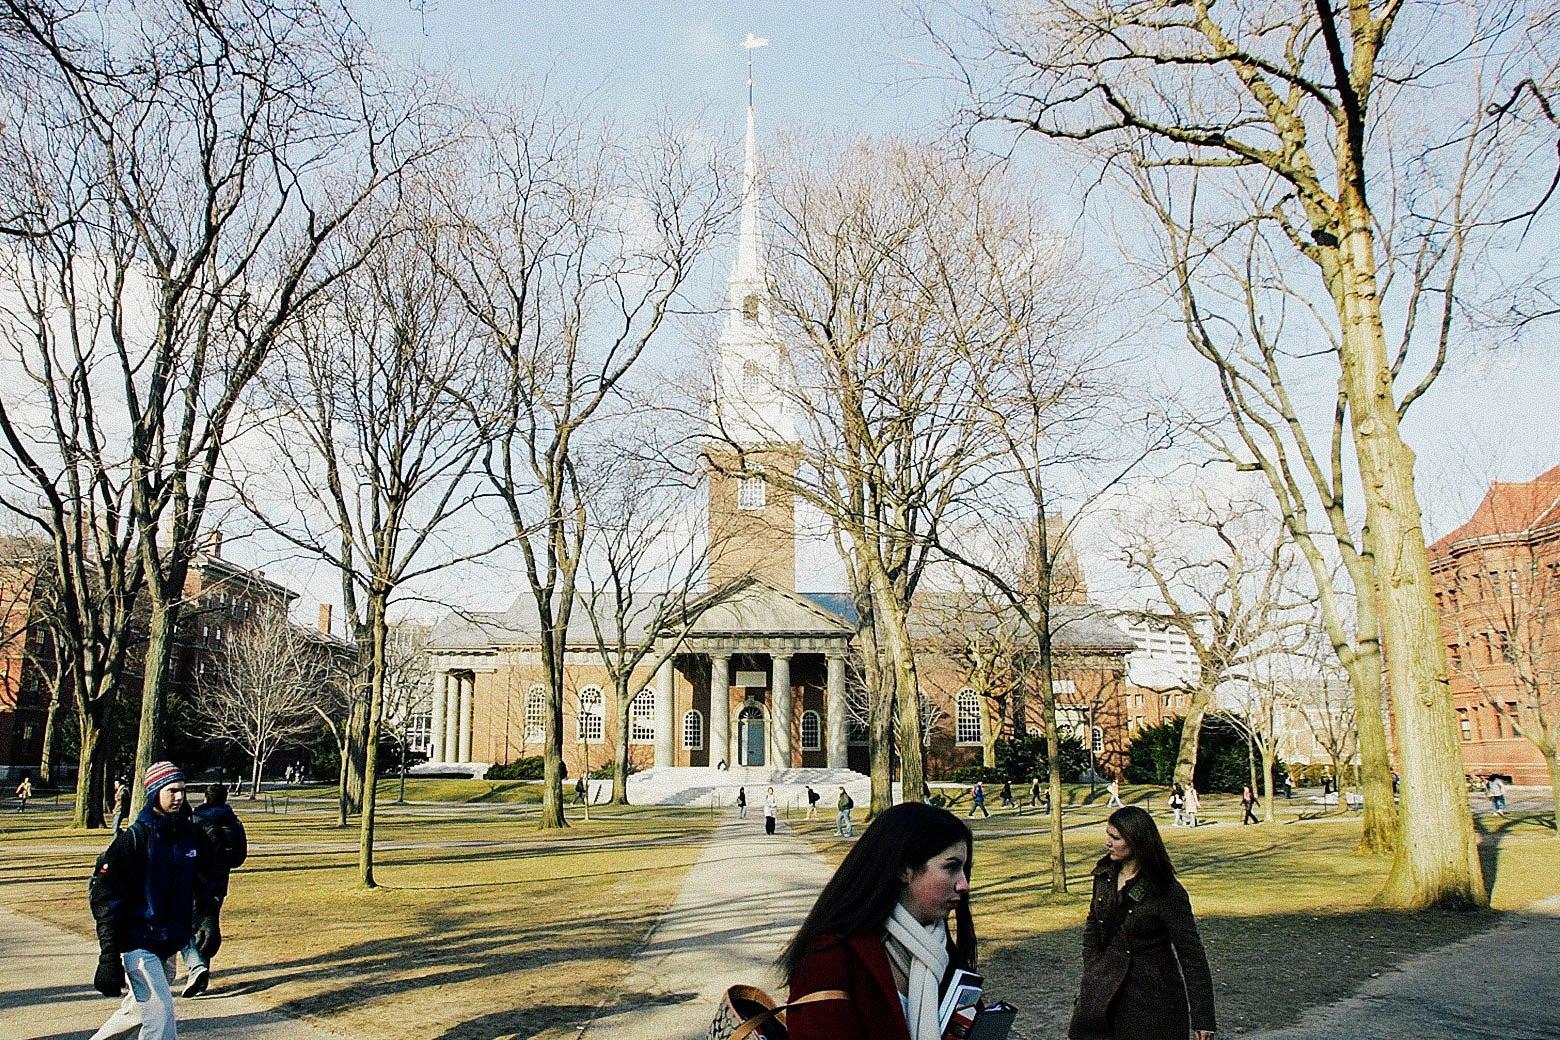 Still of Harvard University in Cambridge, Massachusetts, as seen in 2006.